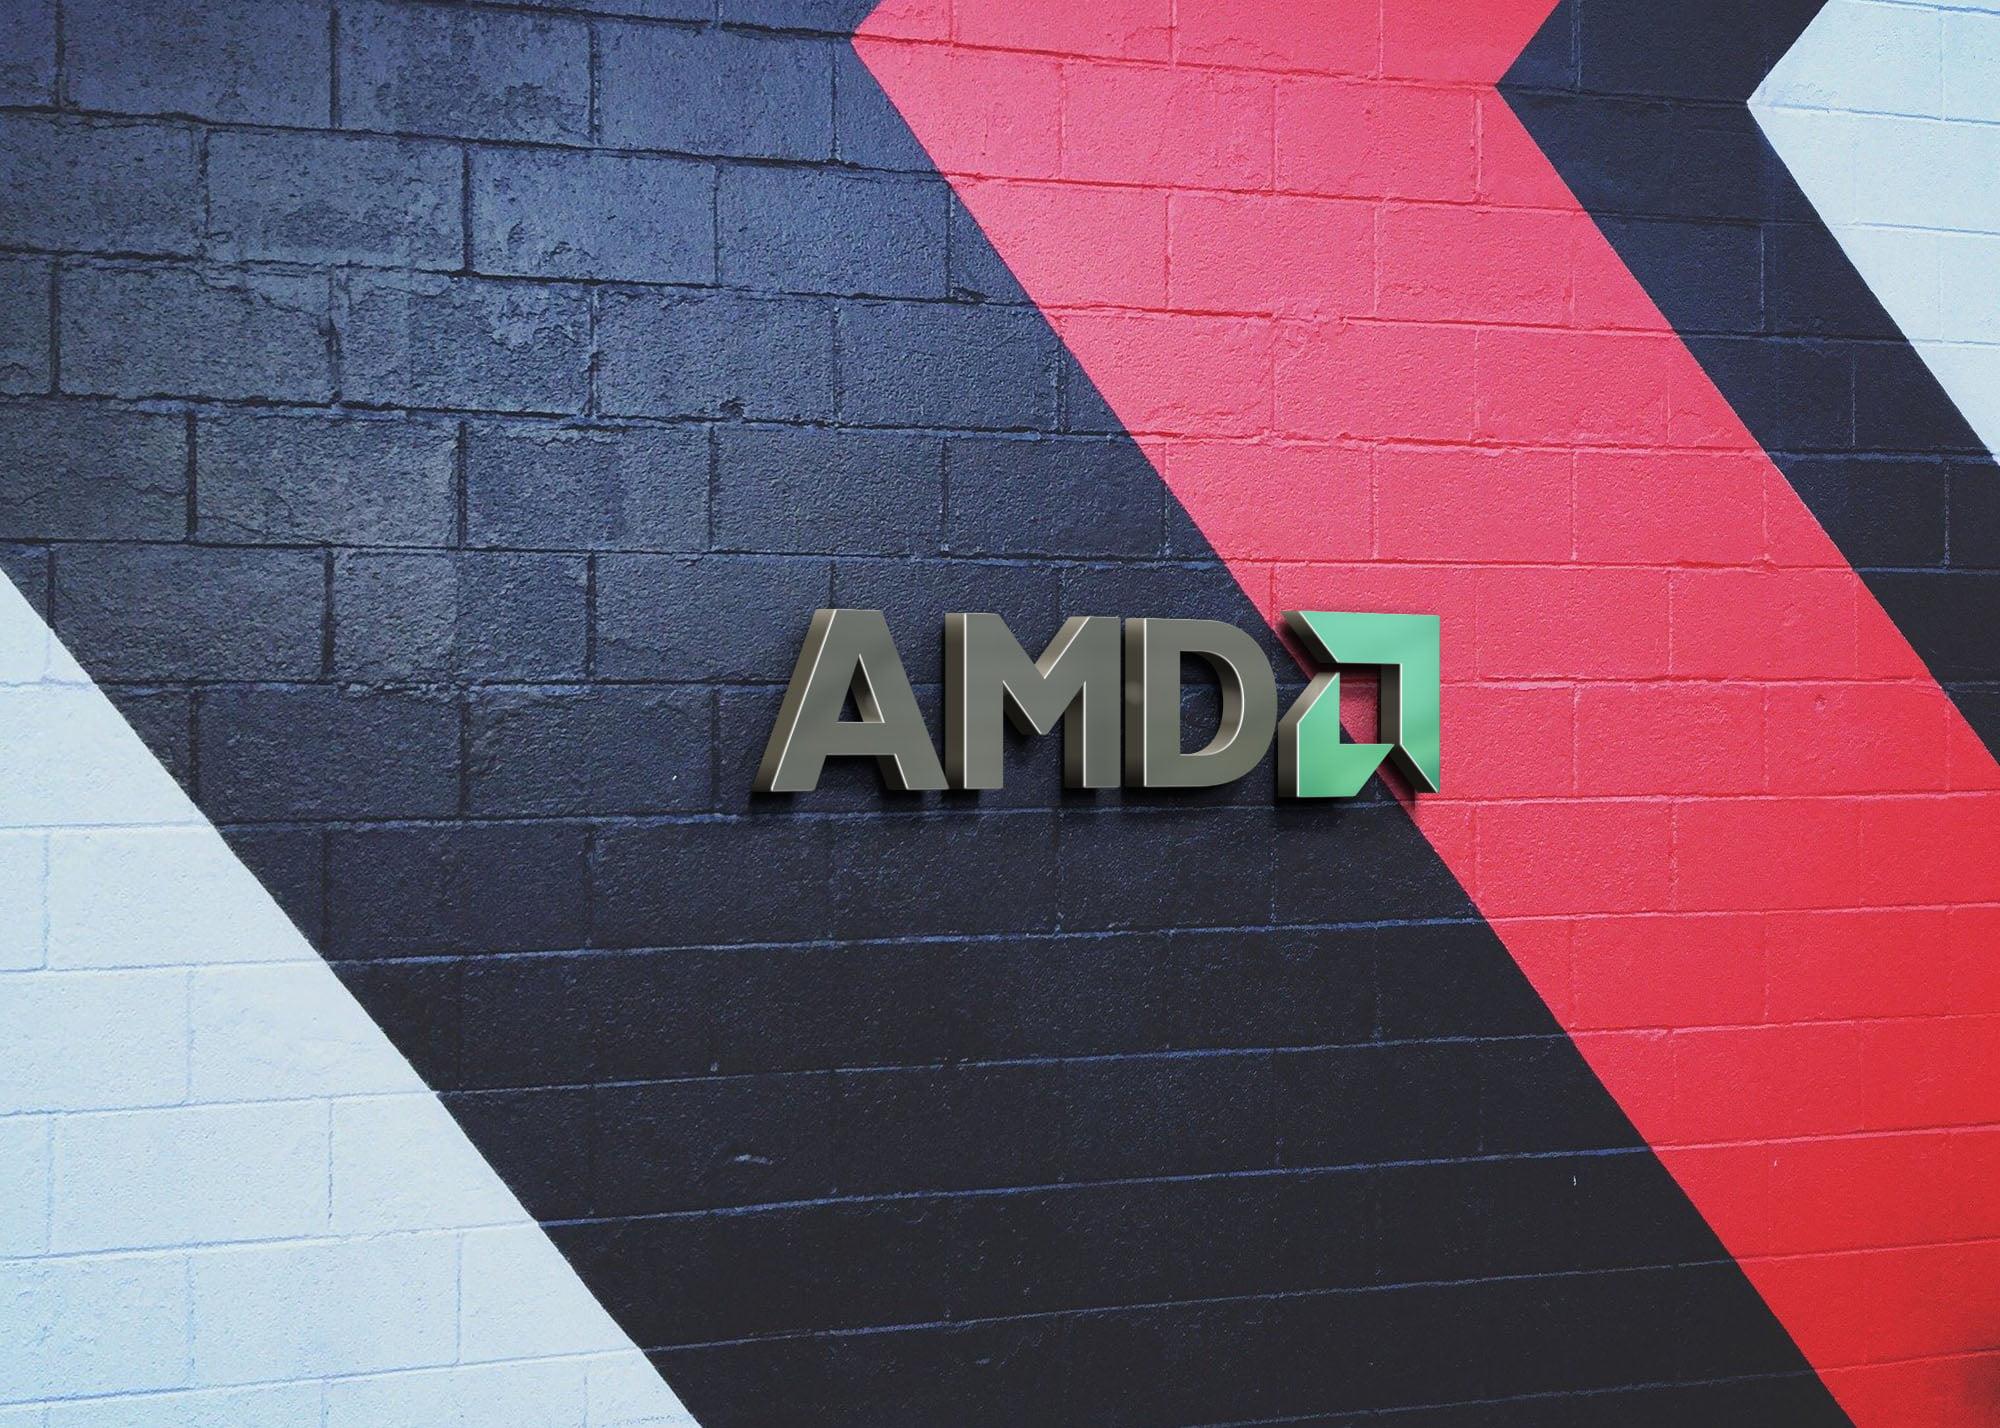 AMD 3d metal on wall